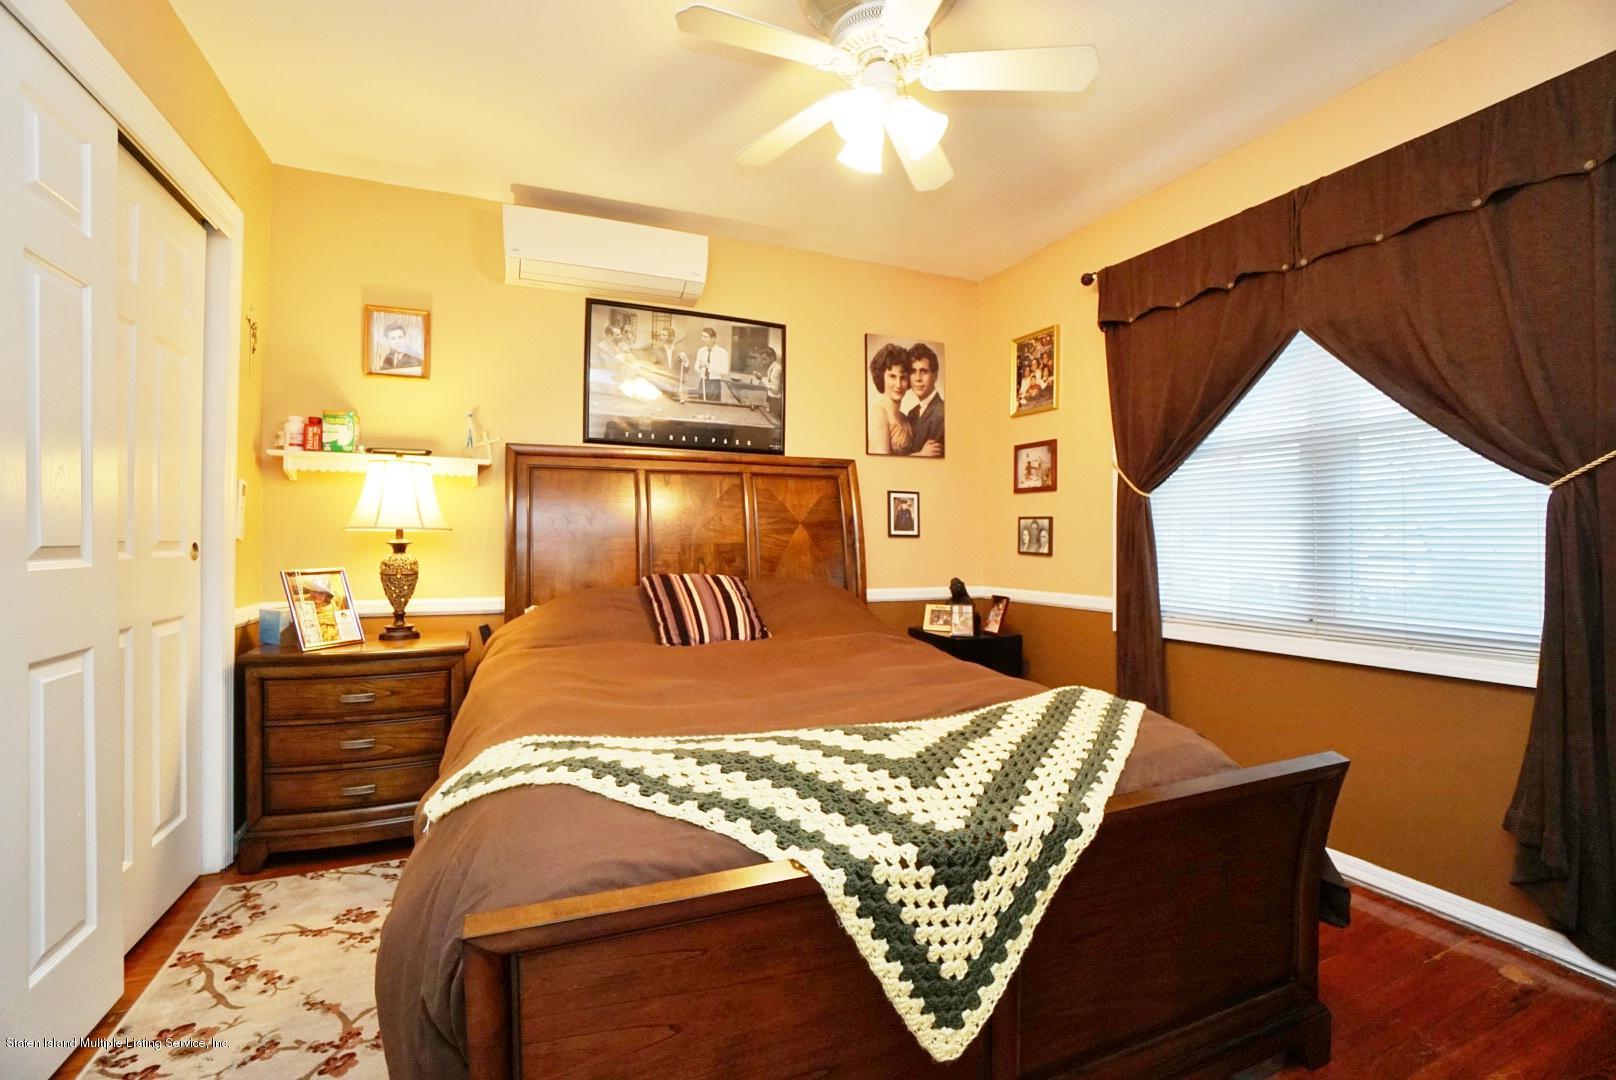 Single Family - Detached 267 Boundary Avenue  Staten Island, NY 10306, MLS-1133896-16